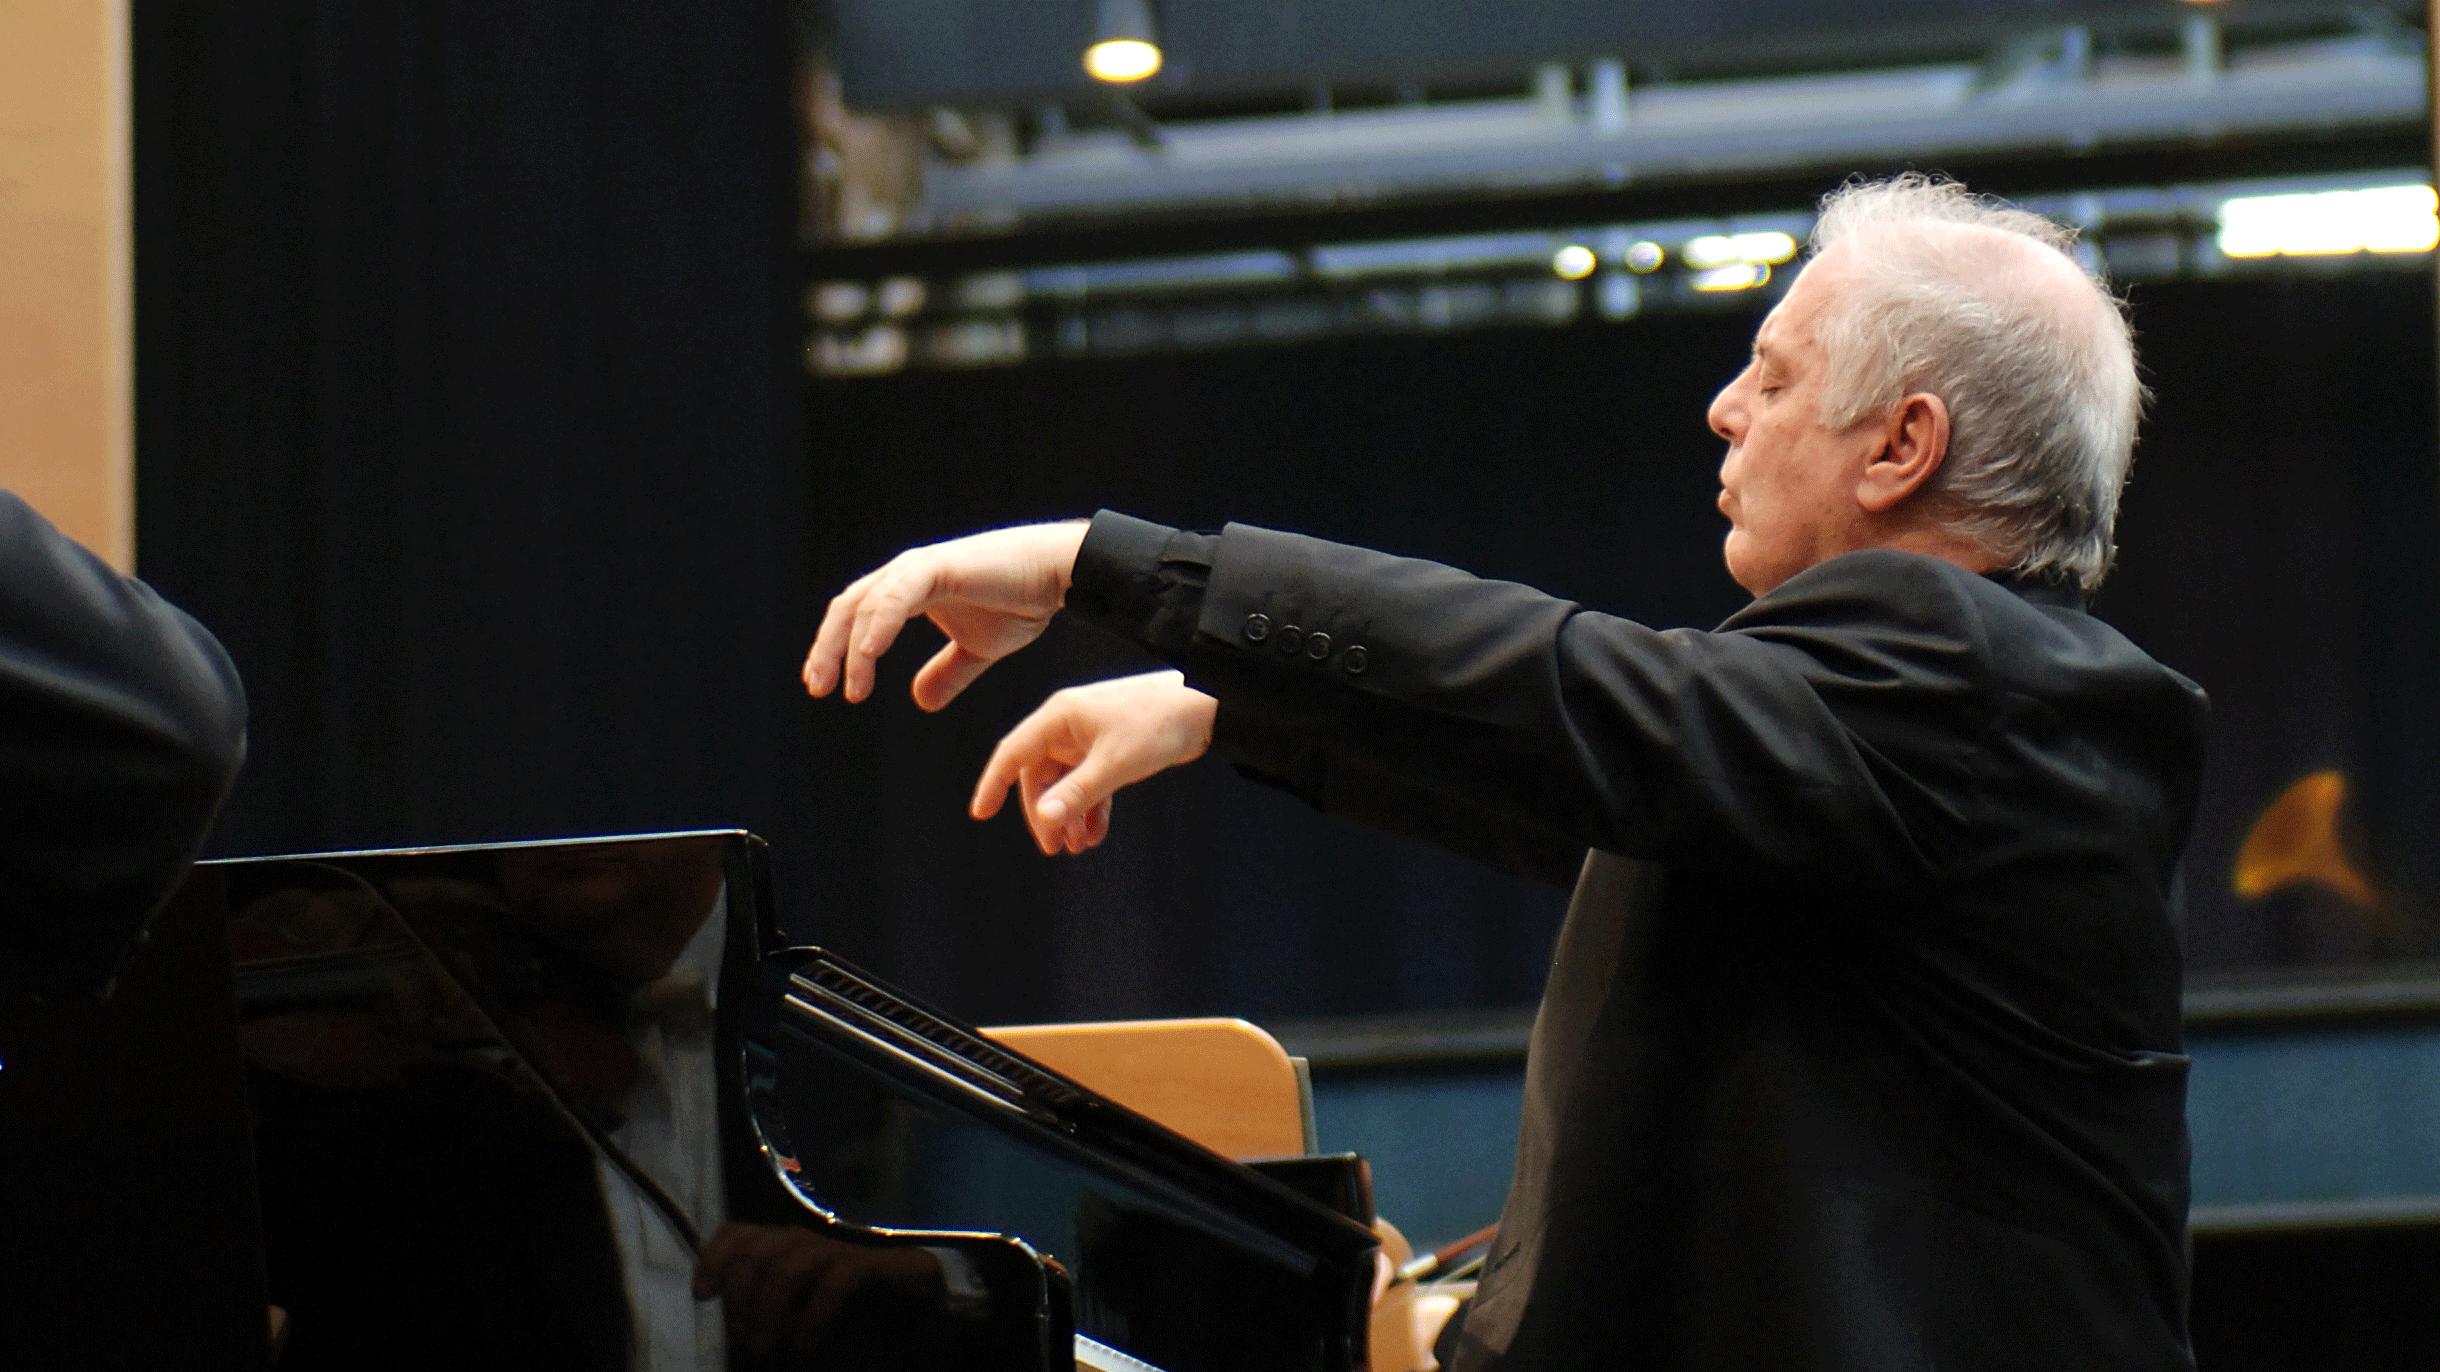 Daniel Barenboim joue et dirige le Concerto pour piano n°3 de Beethoven